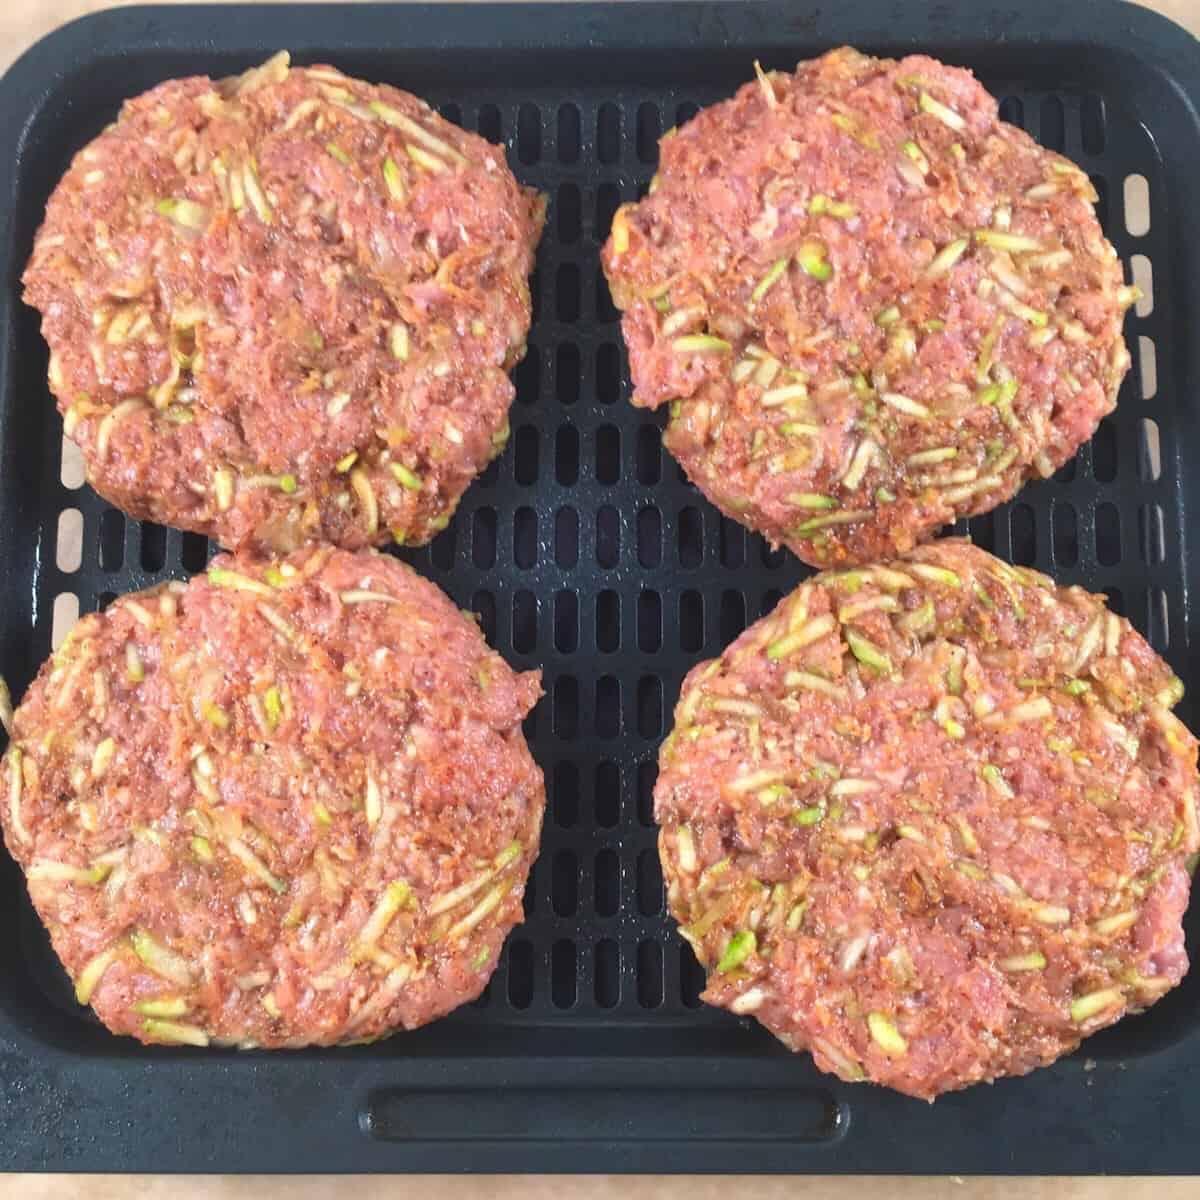 raw turkey burgers